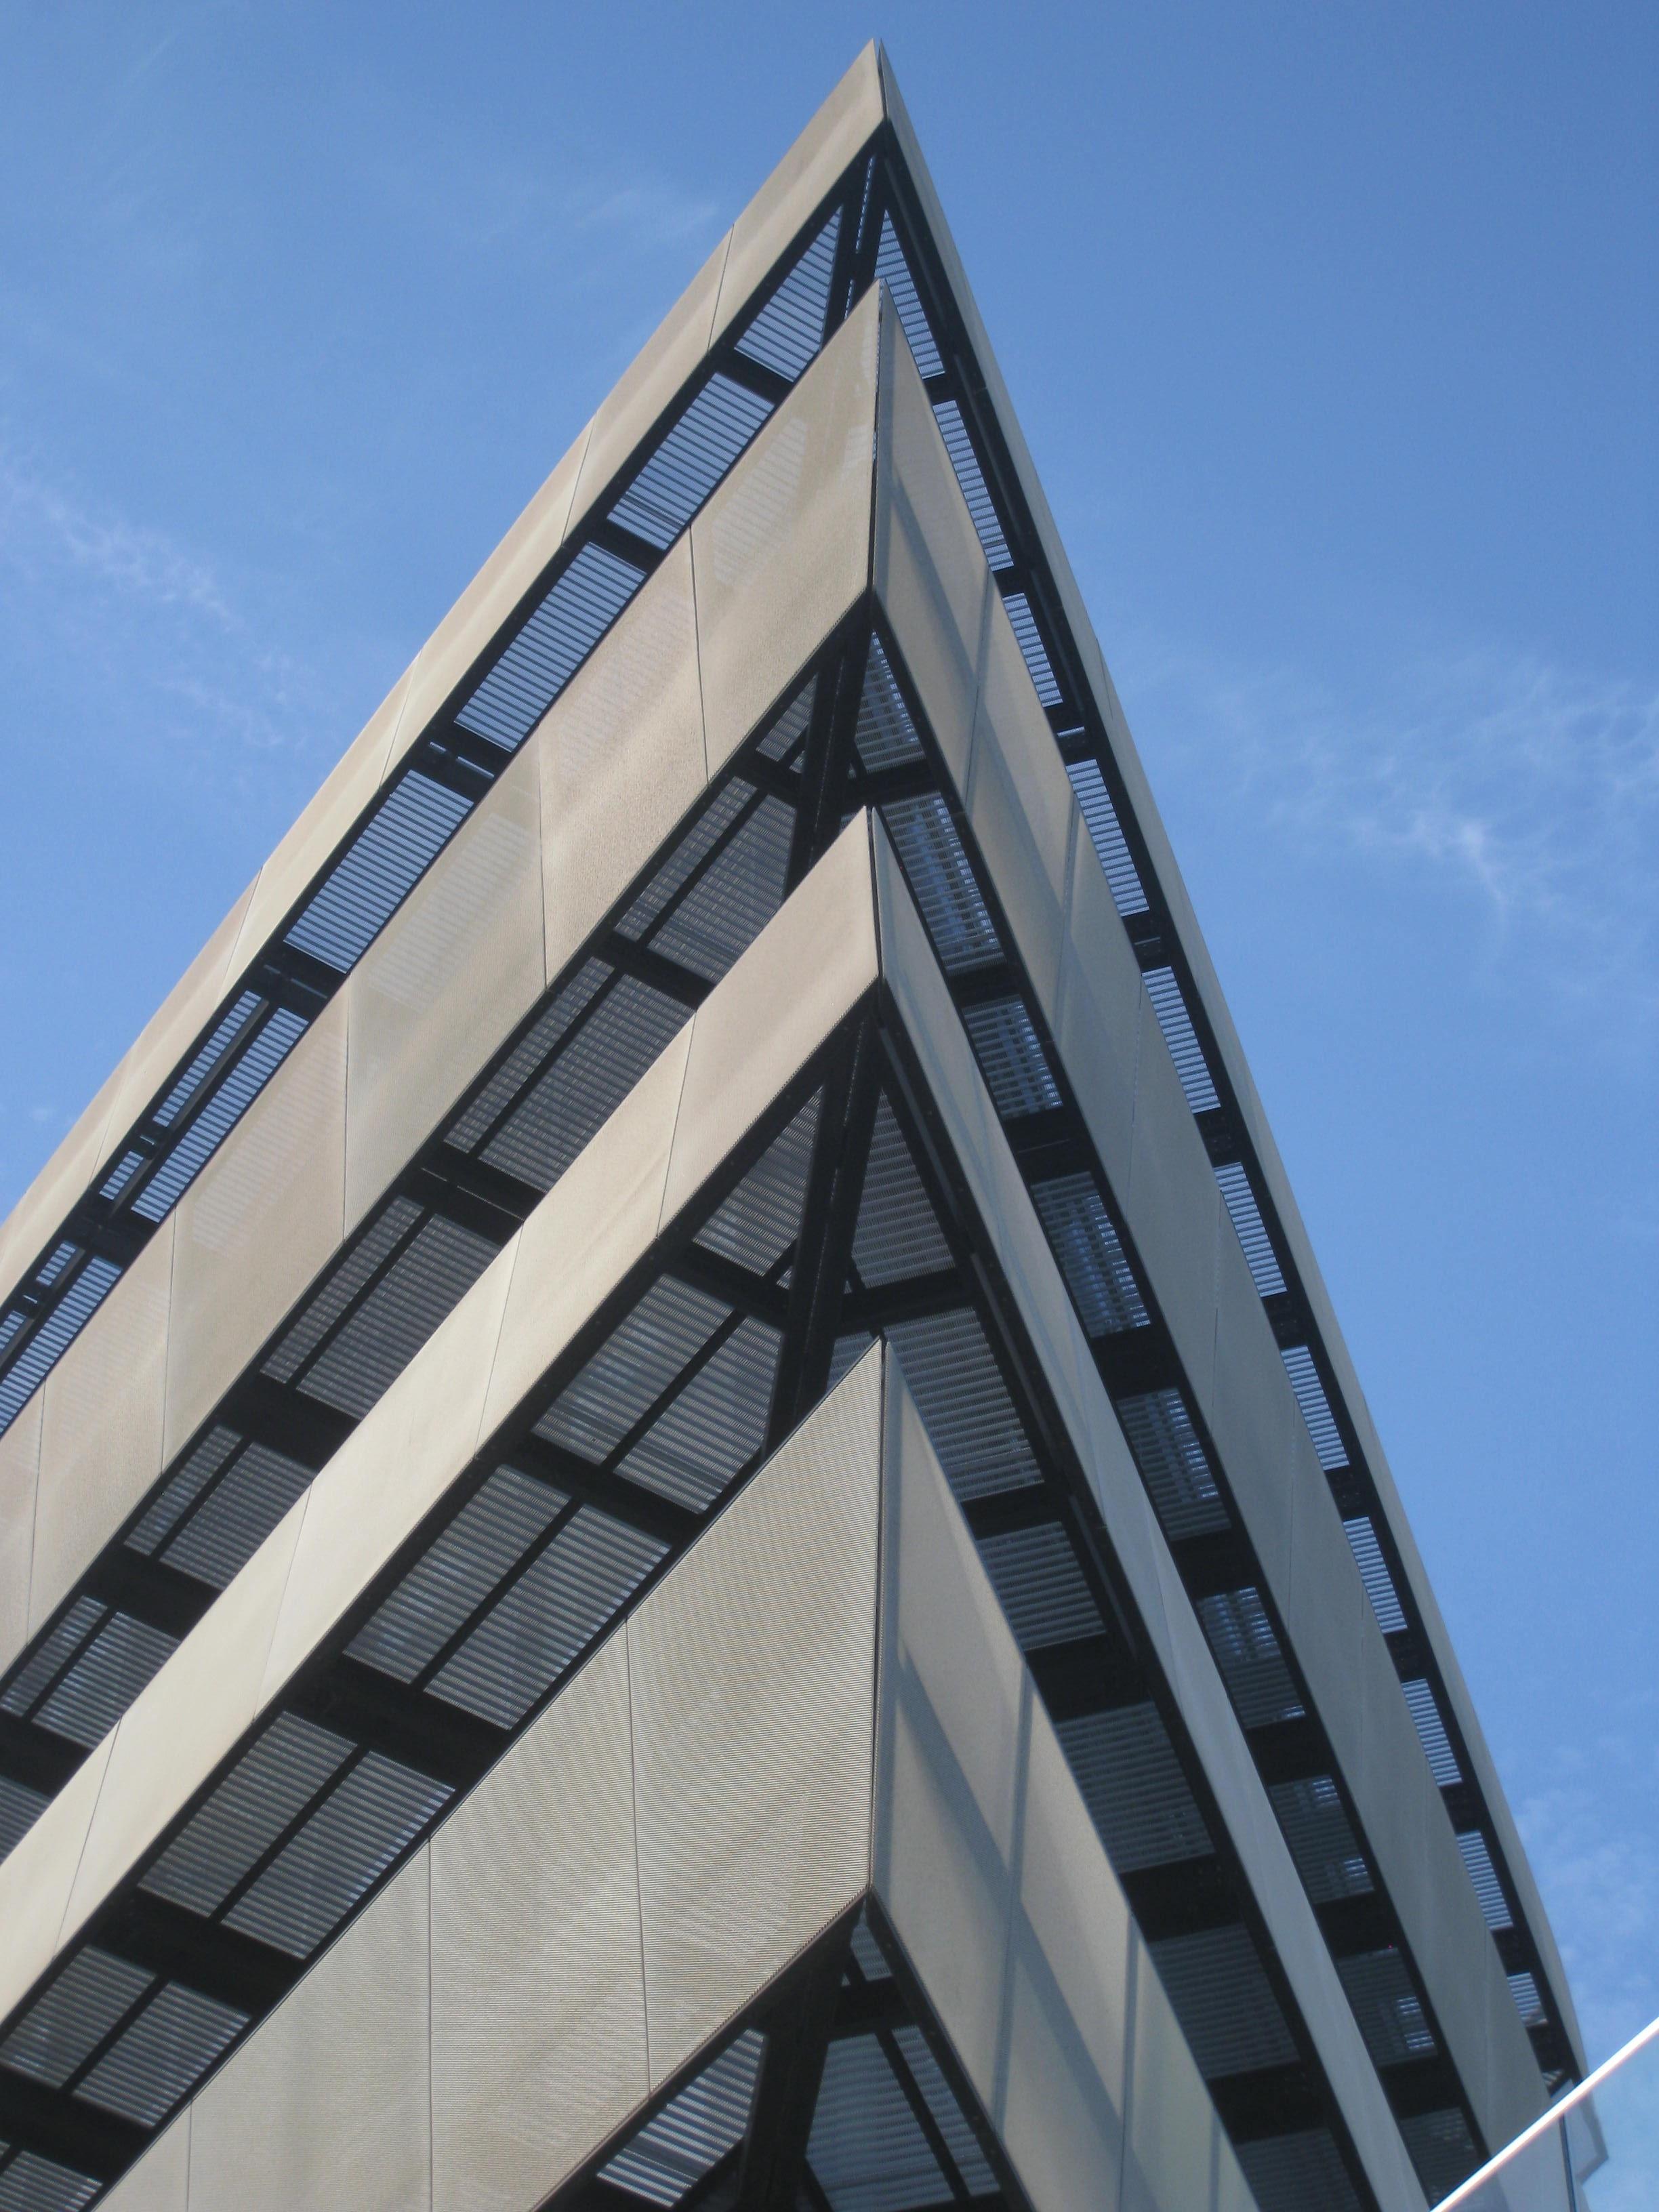 Images gratuites architecture structure toit gratte ciel construction la tour mât point de repère façade moderne pavillon de face hambourg